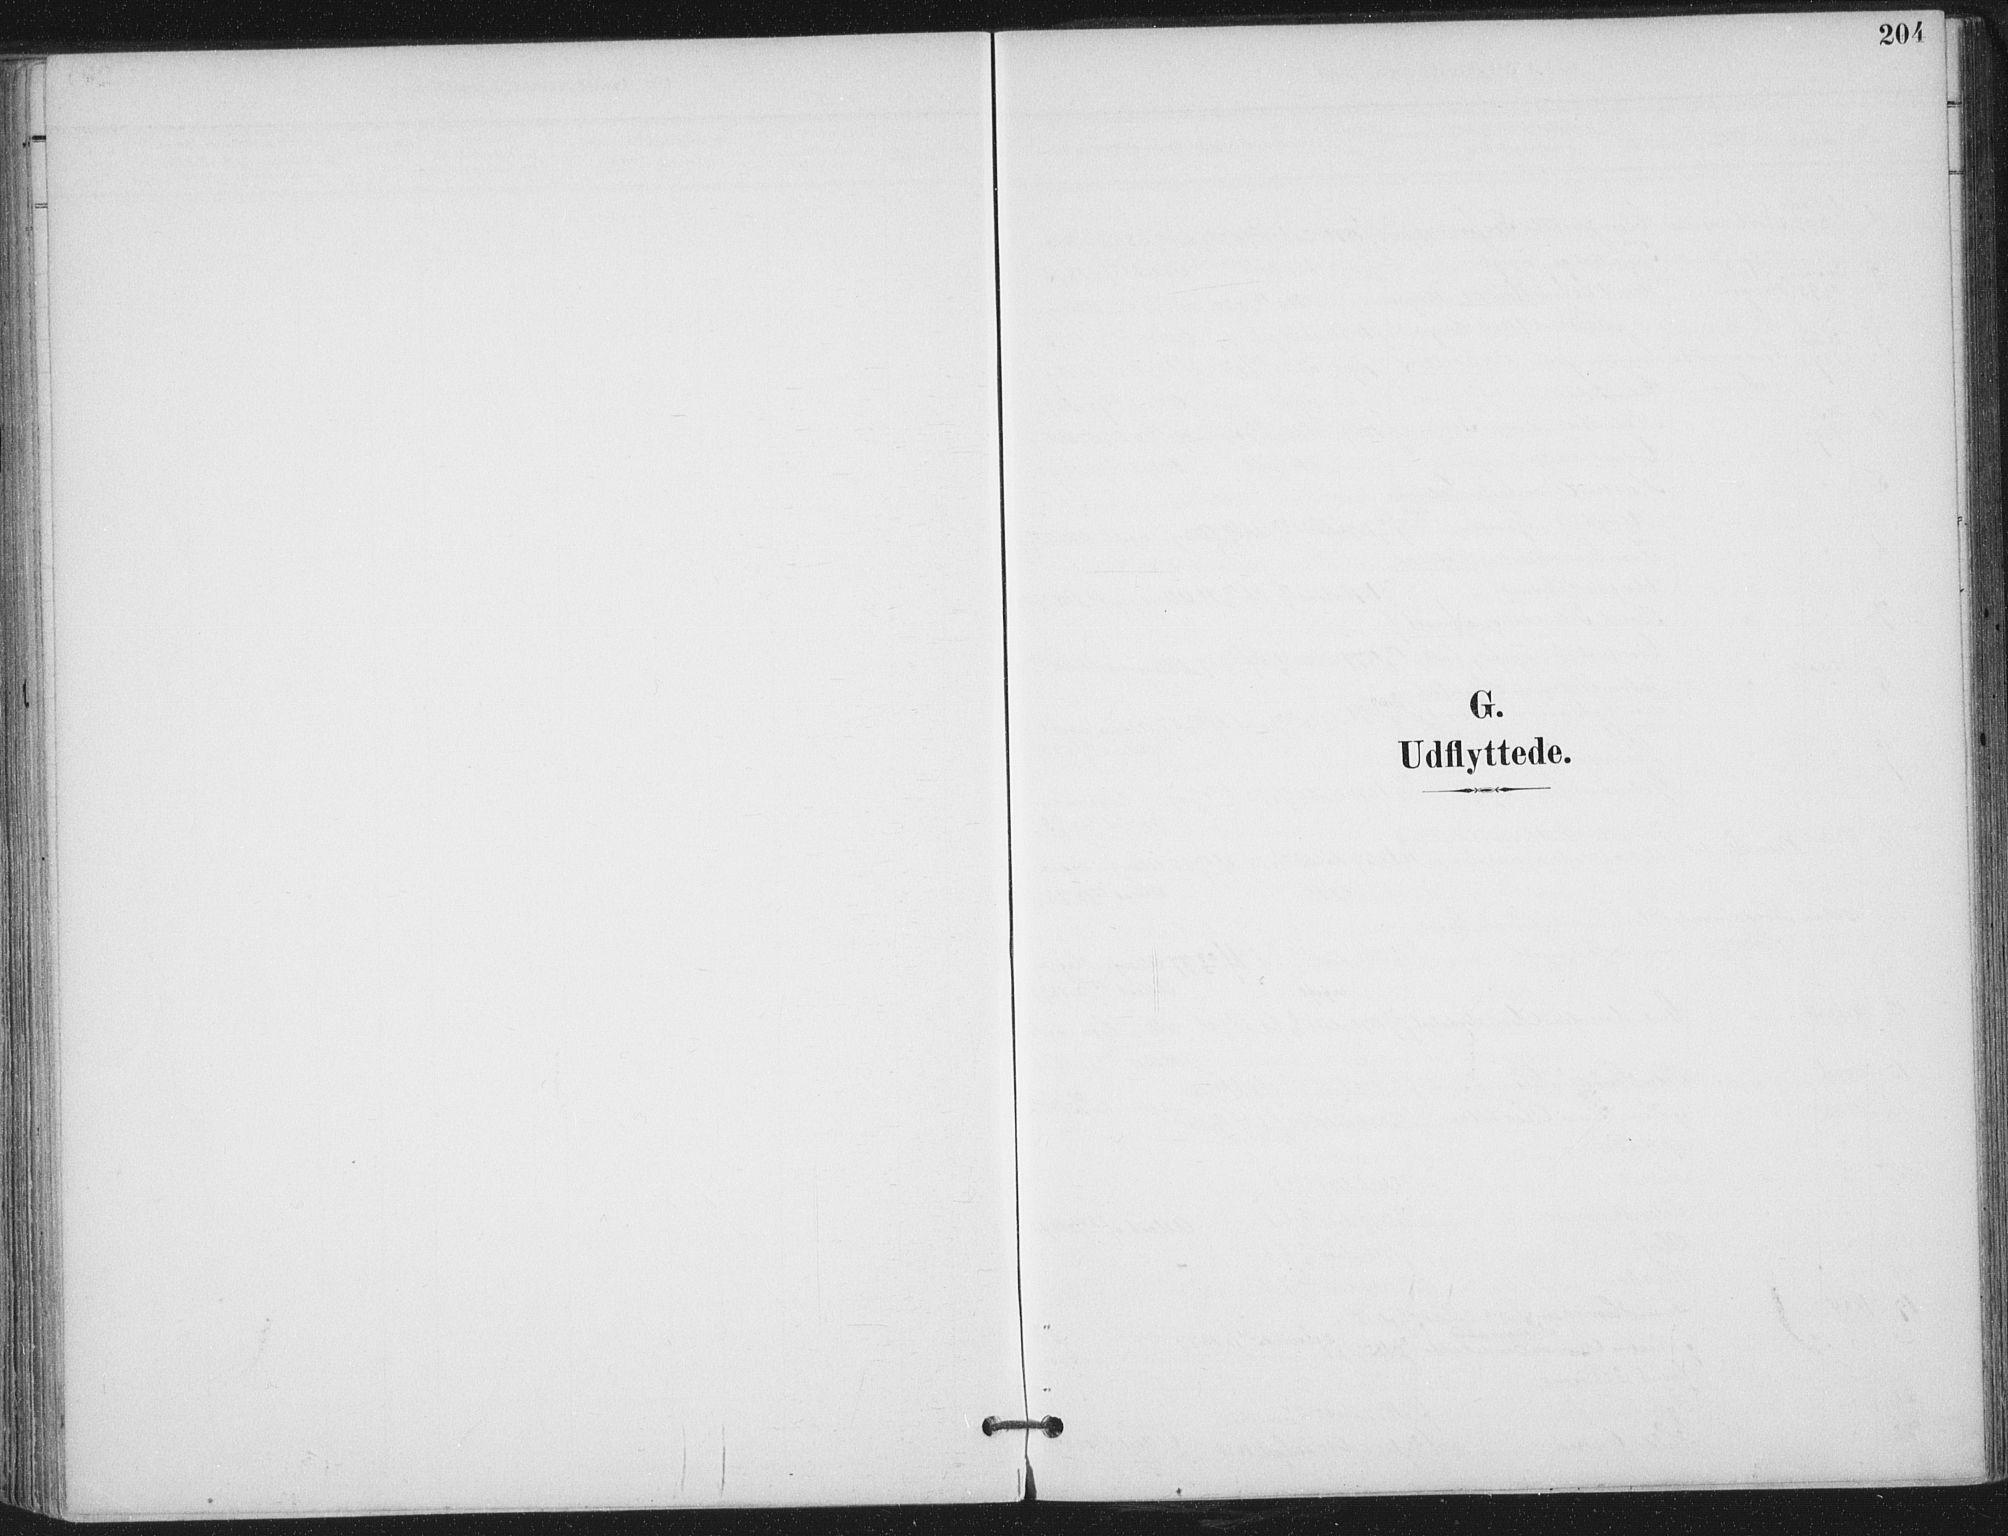 SAT, Ministerialprotokoller, klokkerbøker og fødselsregistre - Nord-Trøndelag, 703/L0031: Parish register (official) no. 703A04, 1893-1914, p. 204